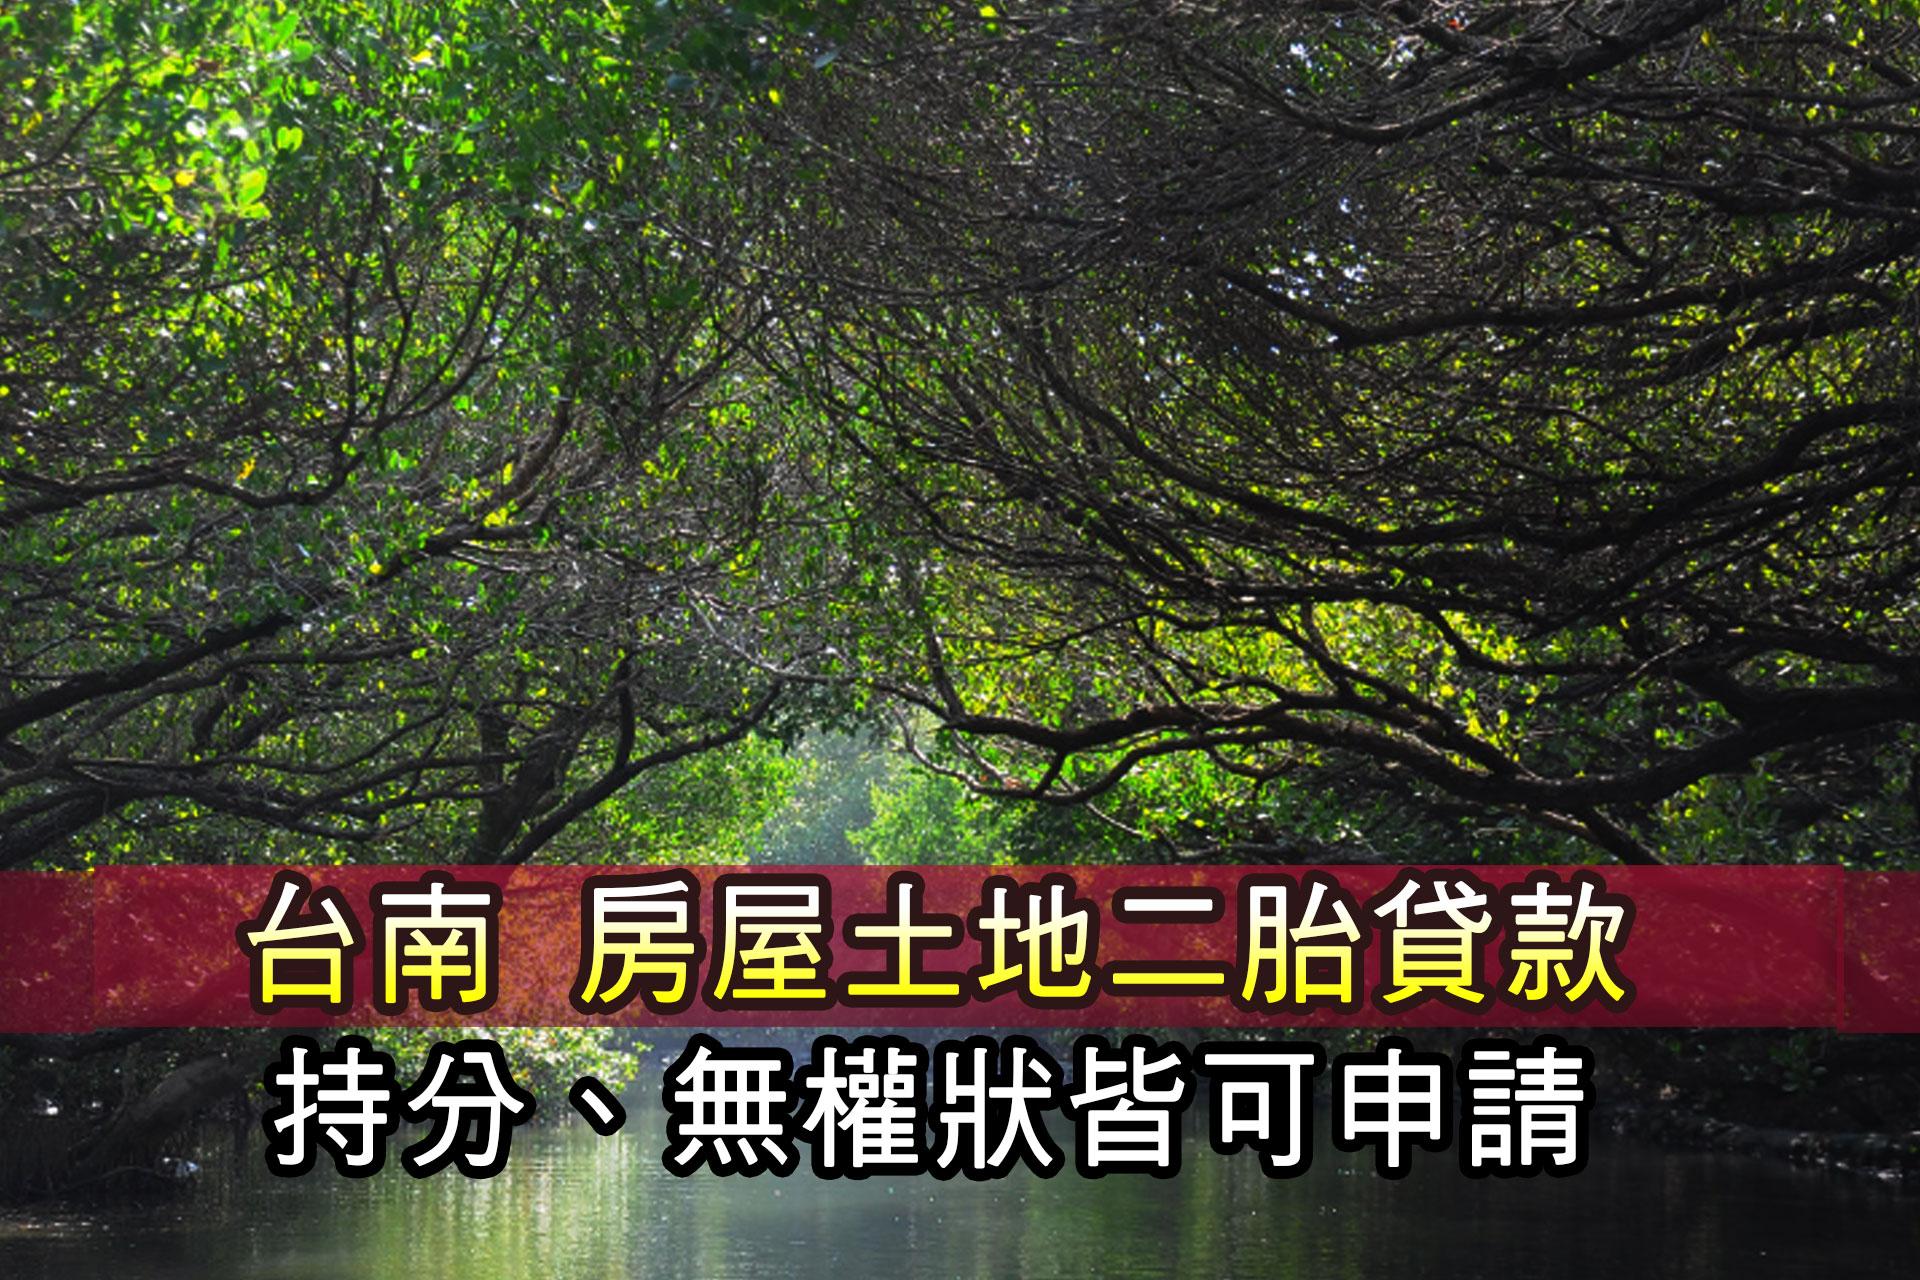 台南土地持分貸款